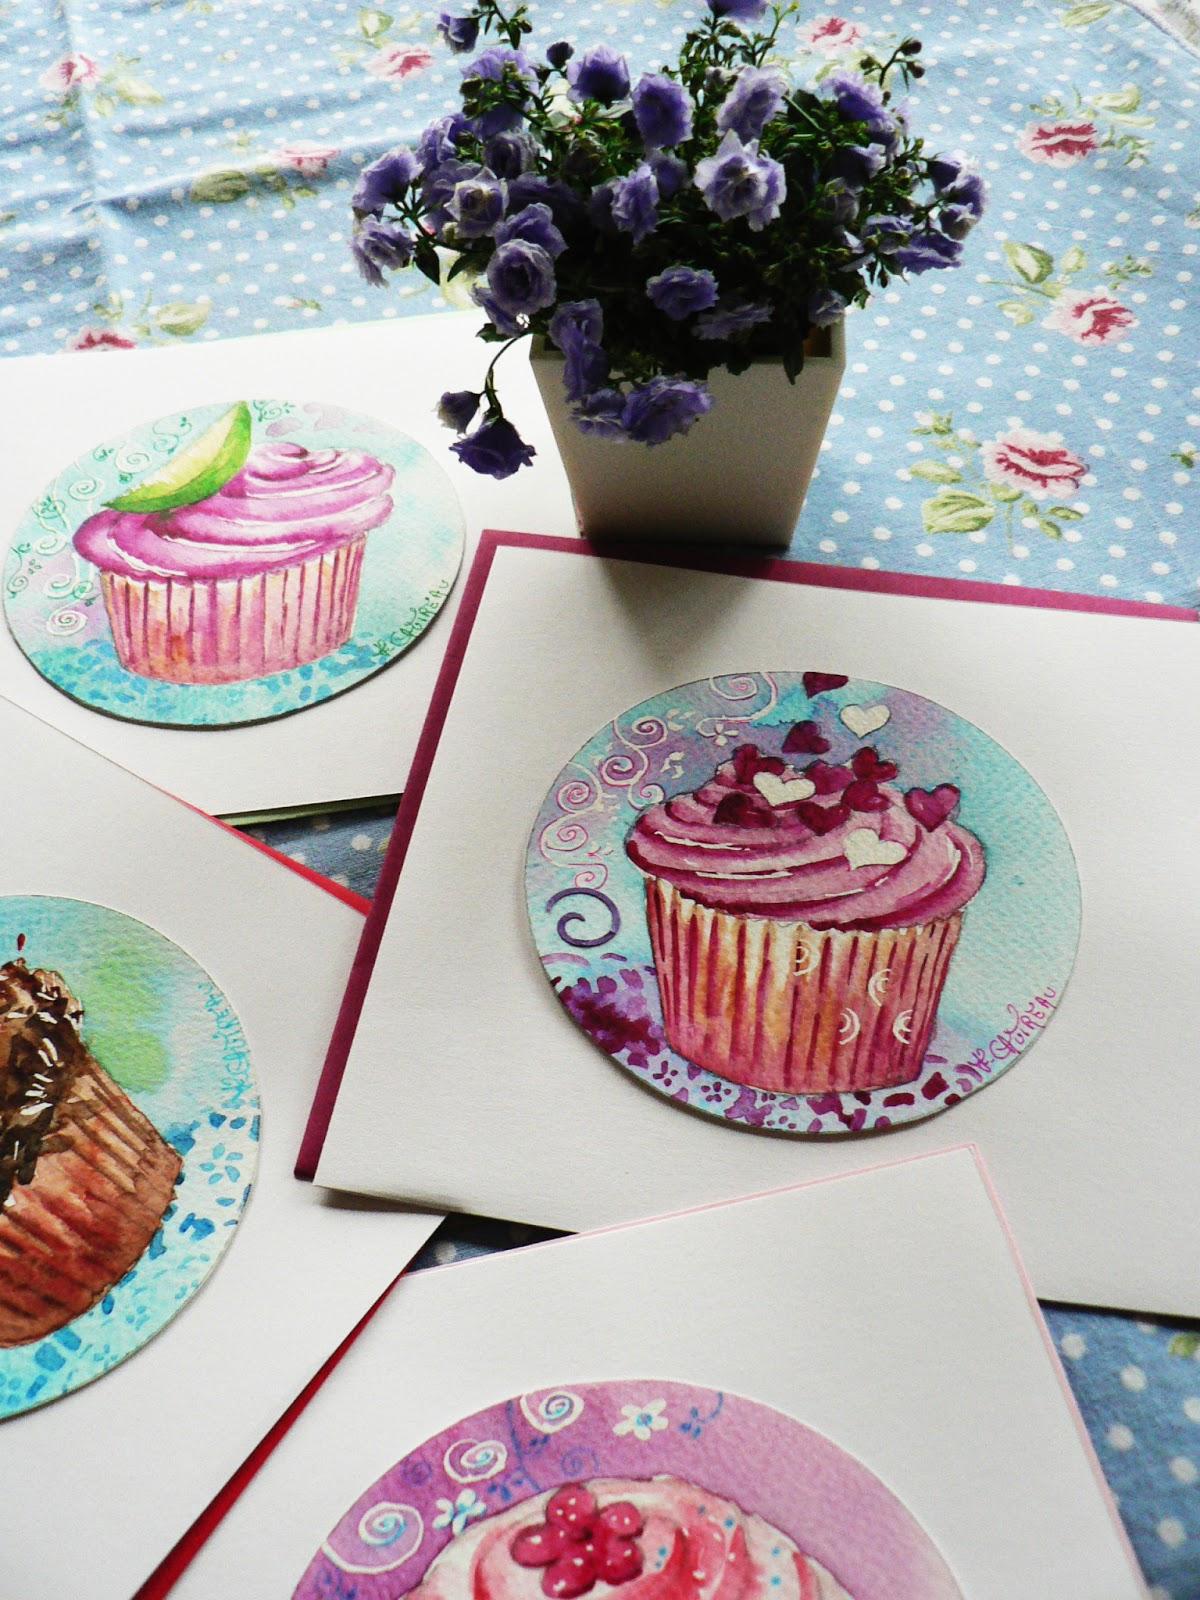 Atelier d 39 art au fil des couleurs cupcakes - Au fil des couleurs ...